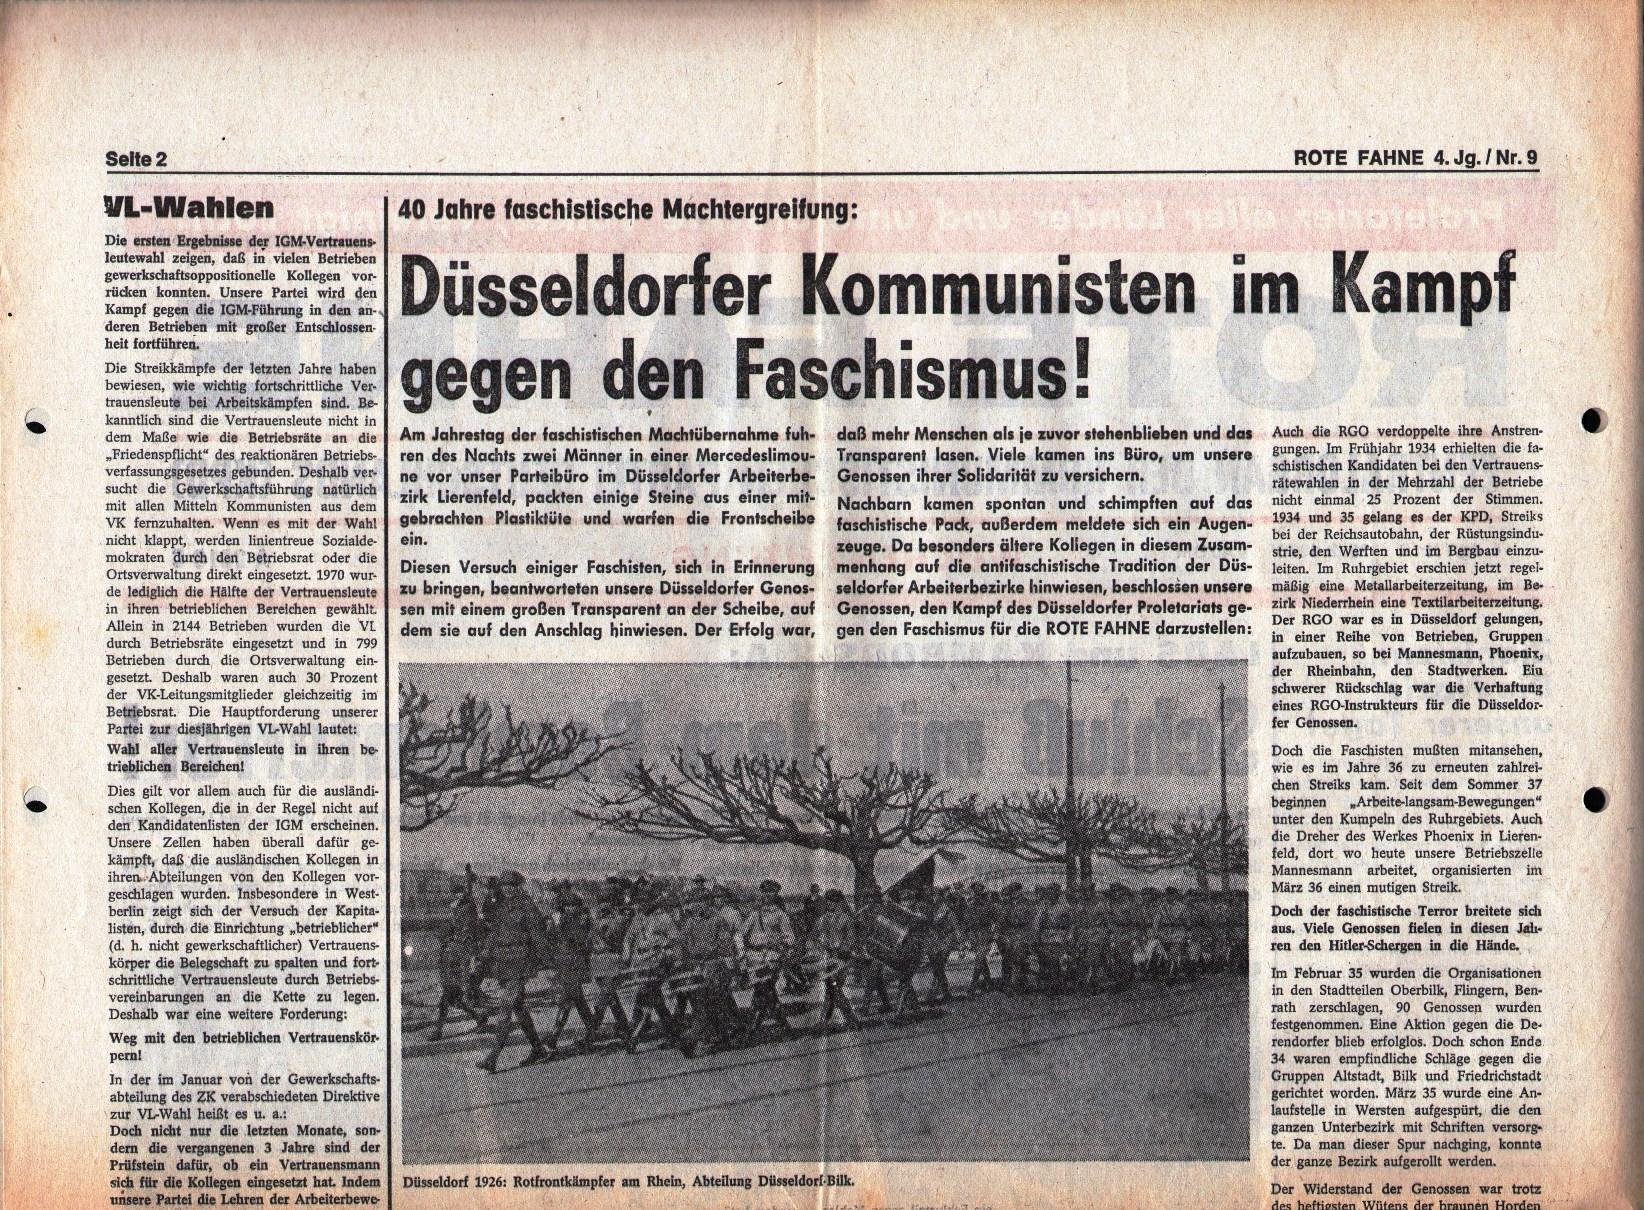 KPD_Rote_Fahne_1973_09_03